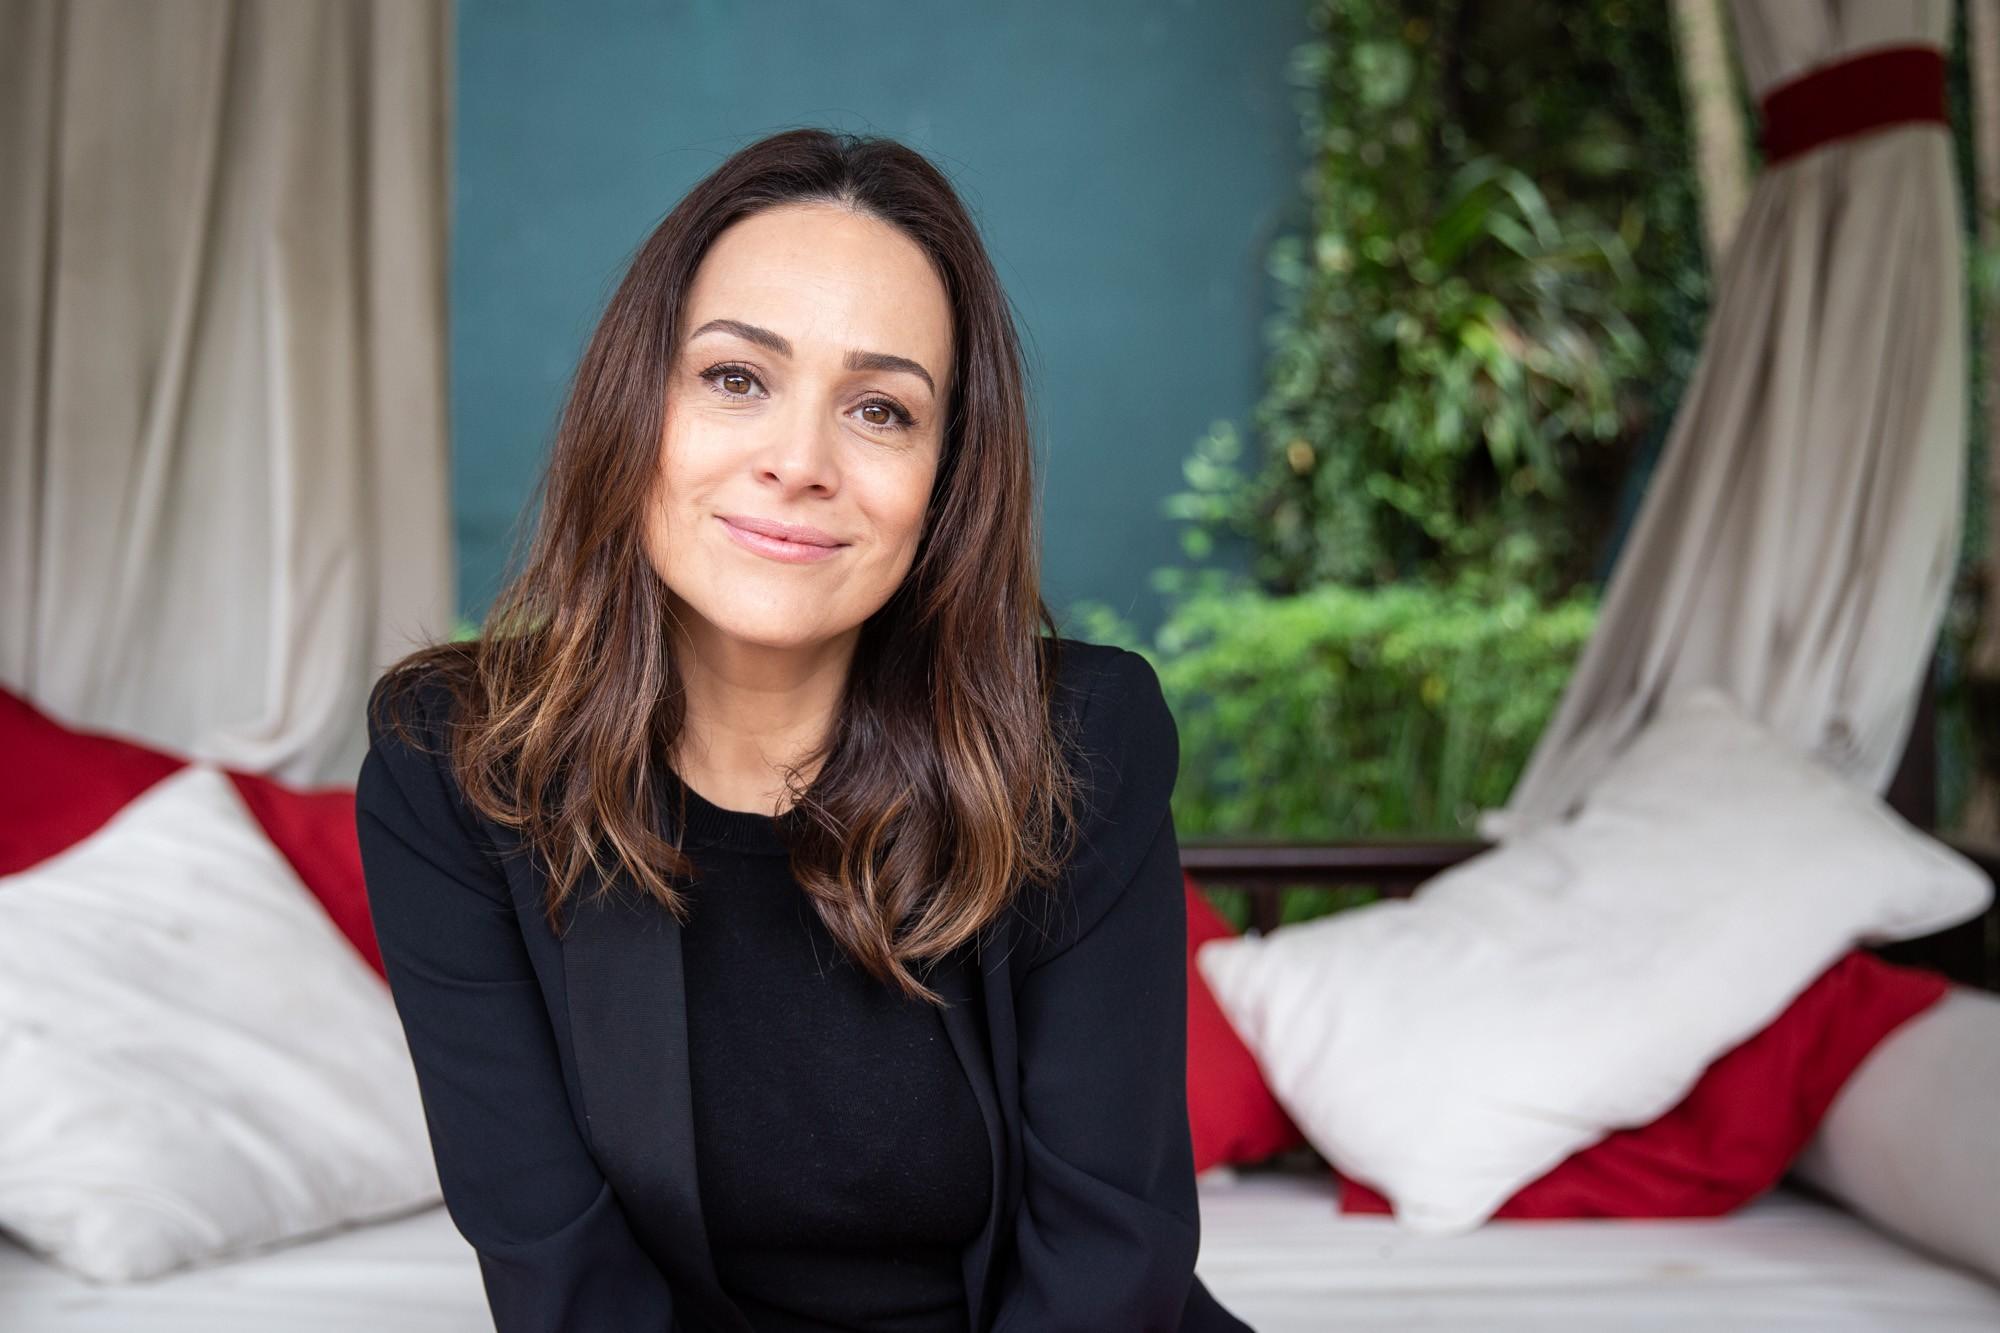 Gabriela Duarte estrela peça 'Perfume de Mulher' e fala das 'divergências políticas' com a mãe